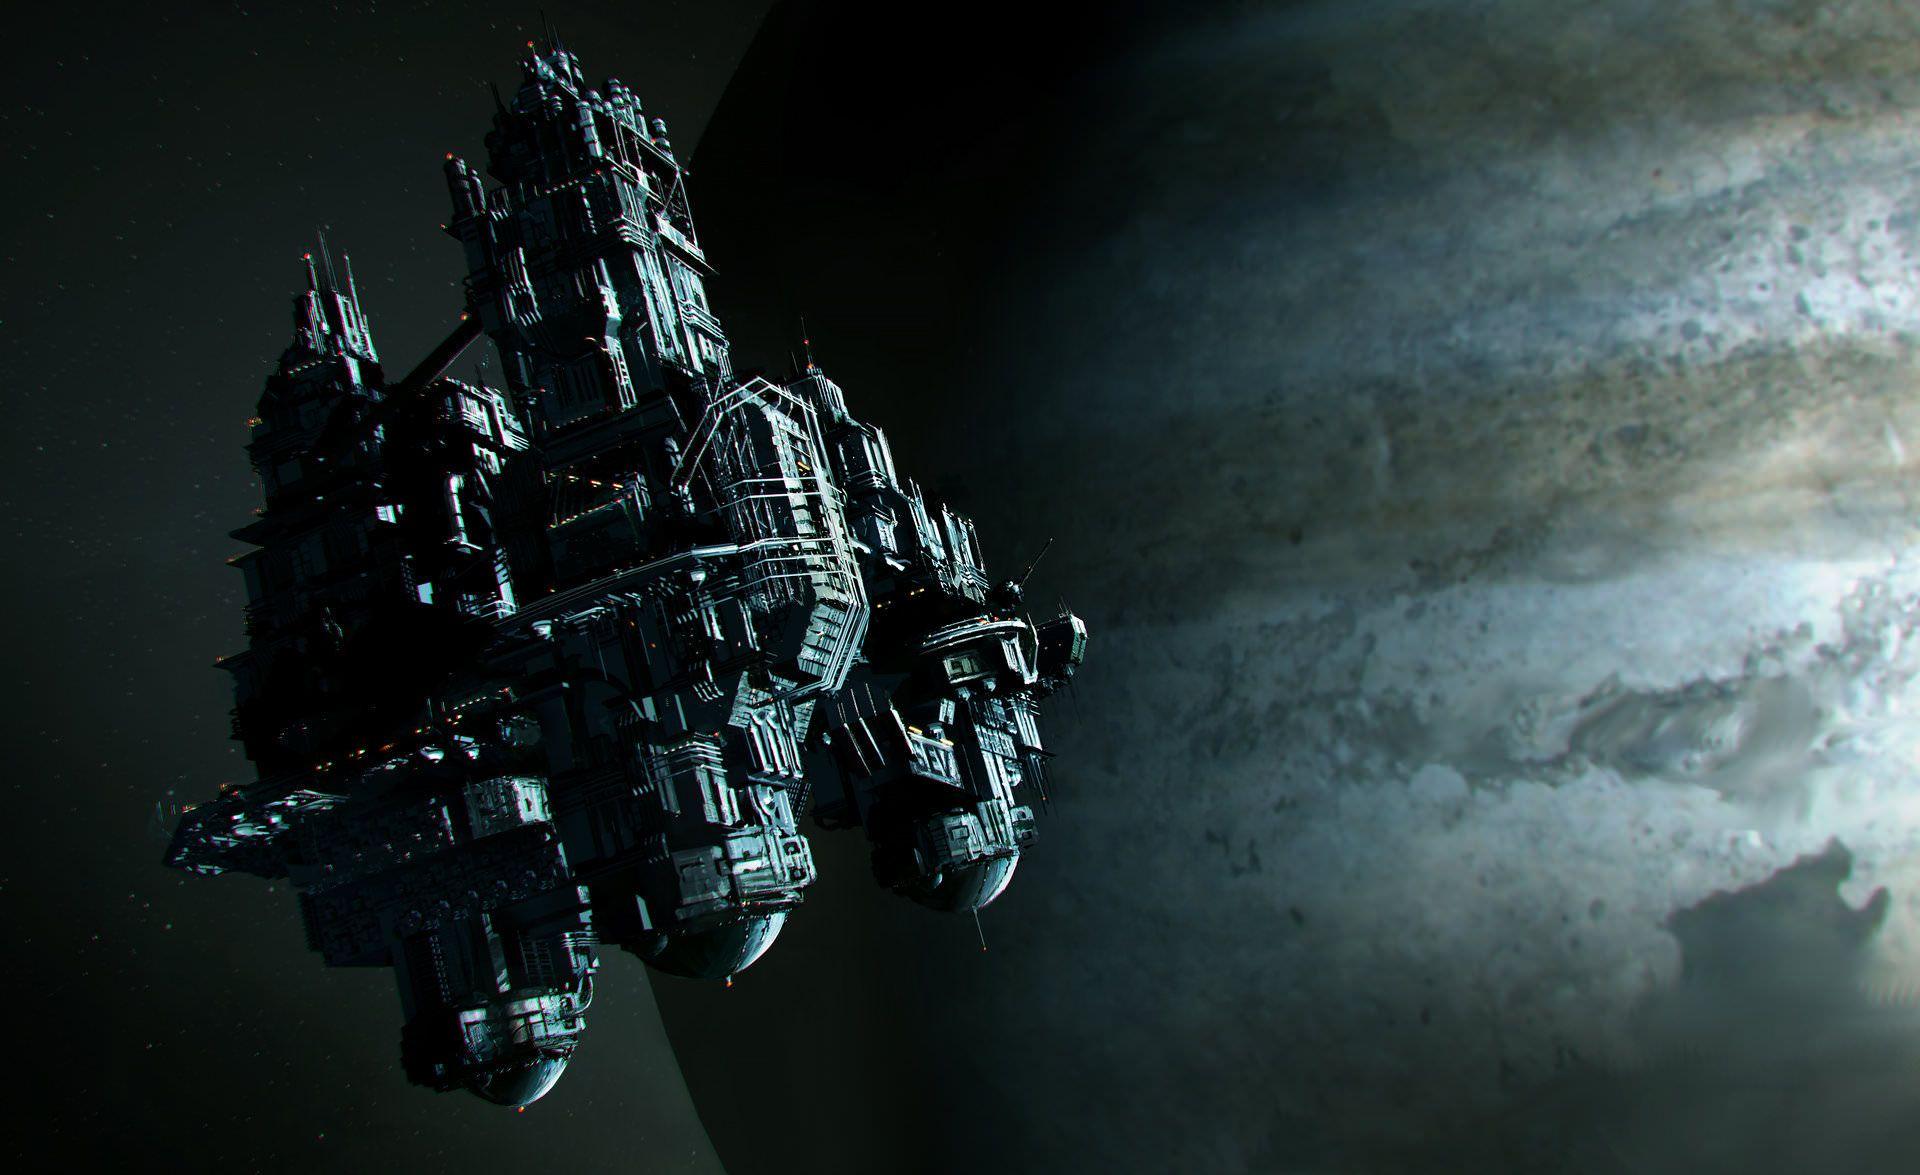 Coriolis An Inspirational Rpg Dump 2 Album On Imgur Alien Isolation Alien Space Station